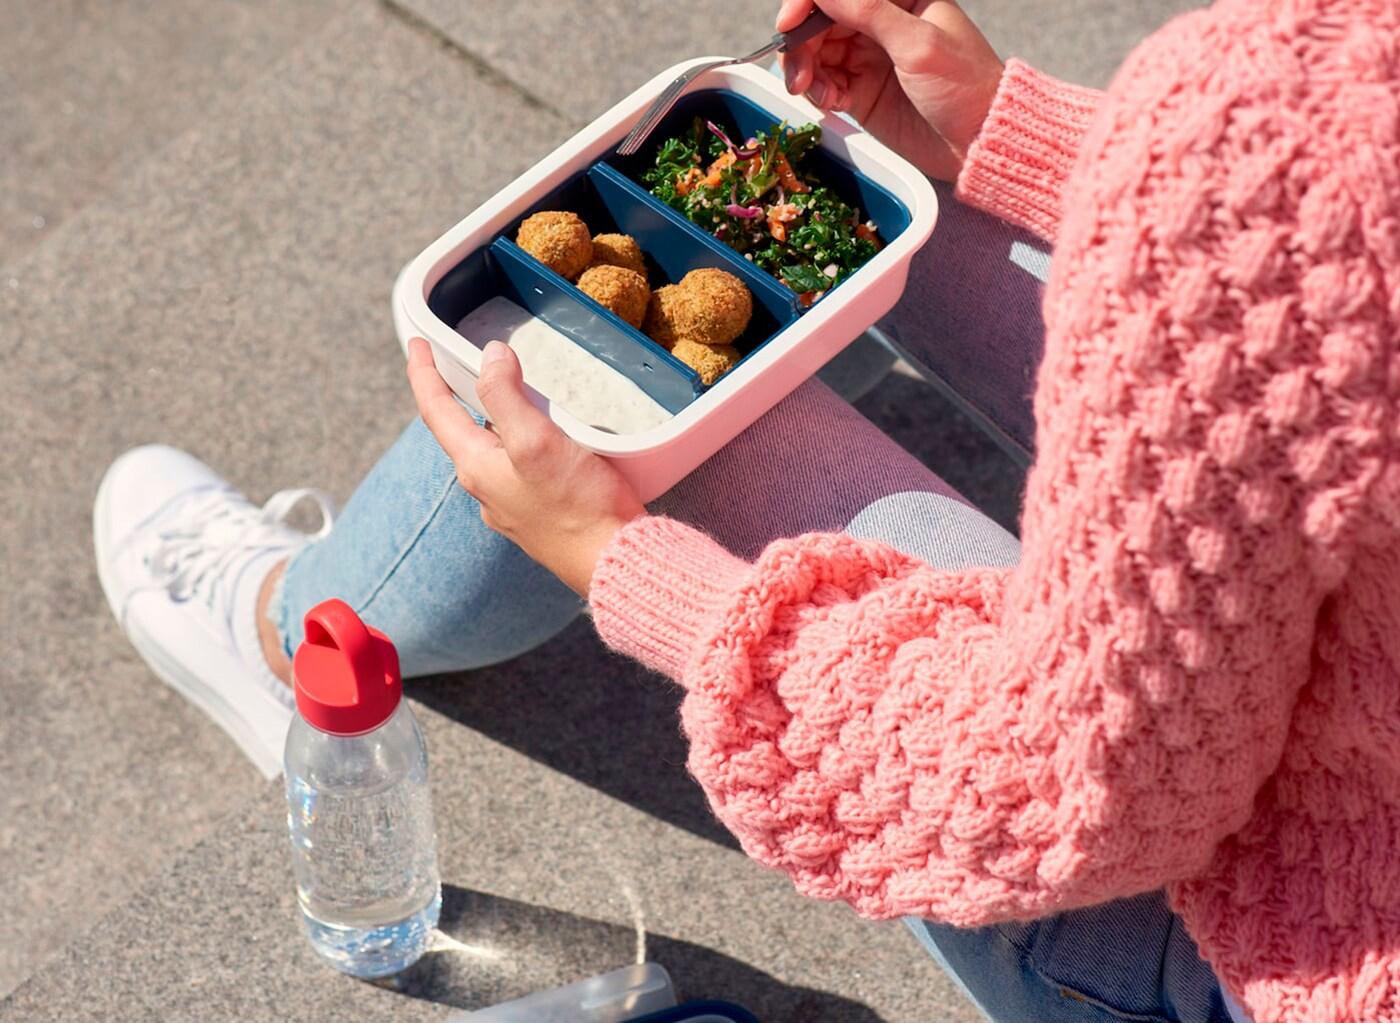 水を入れた透明のプラスチックボトルを脇に置き、イケアのプラスチック製保存容器に入れたお弁当を食べる女性。